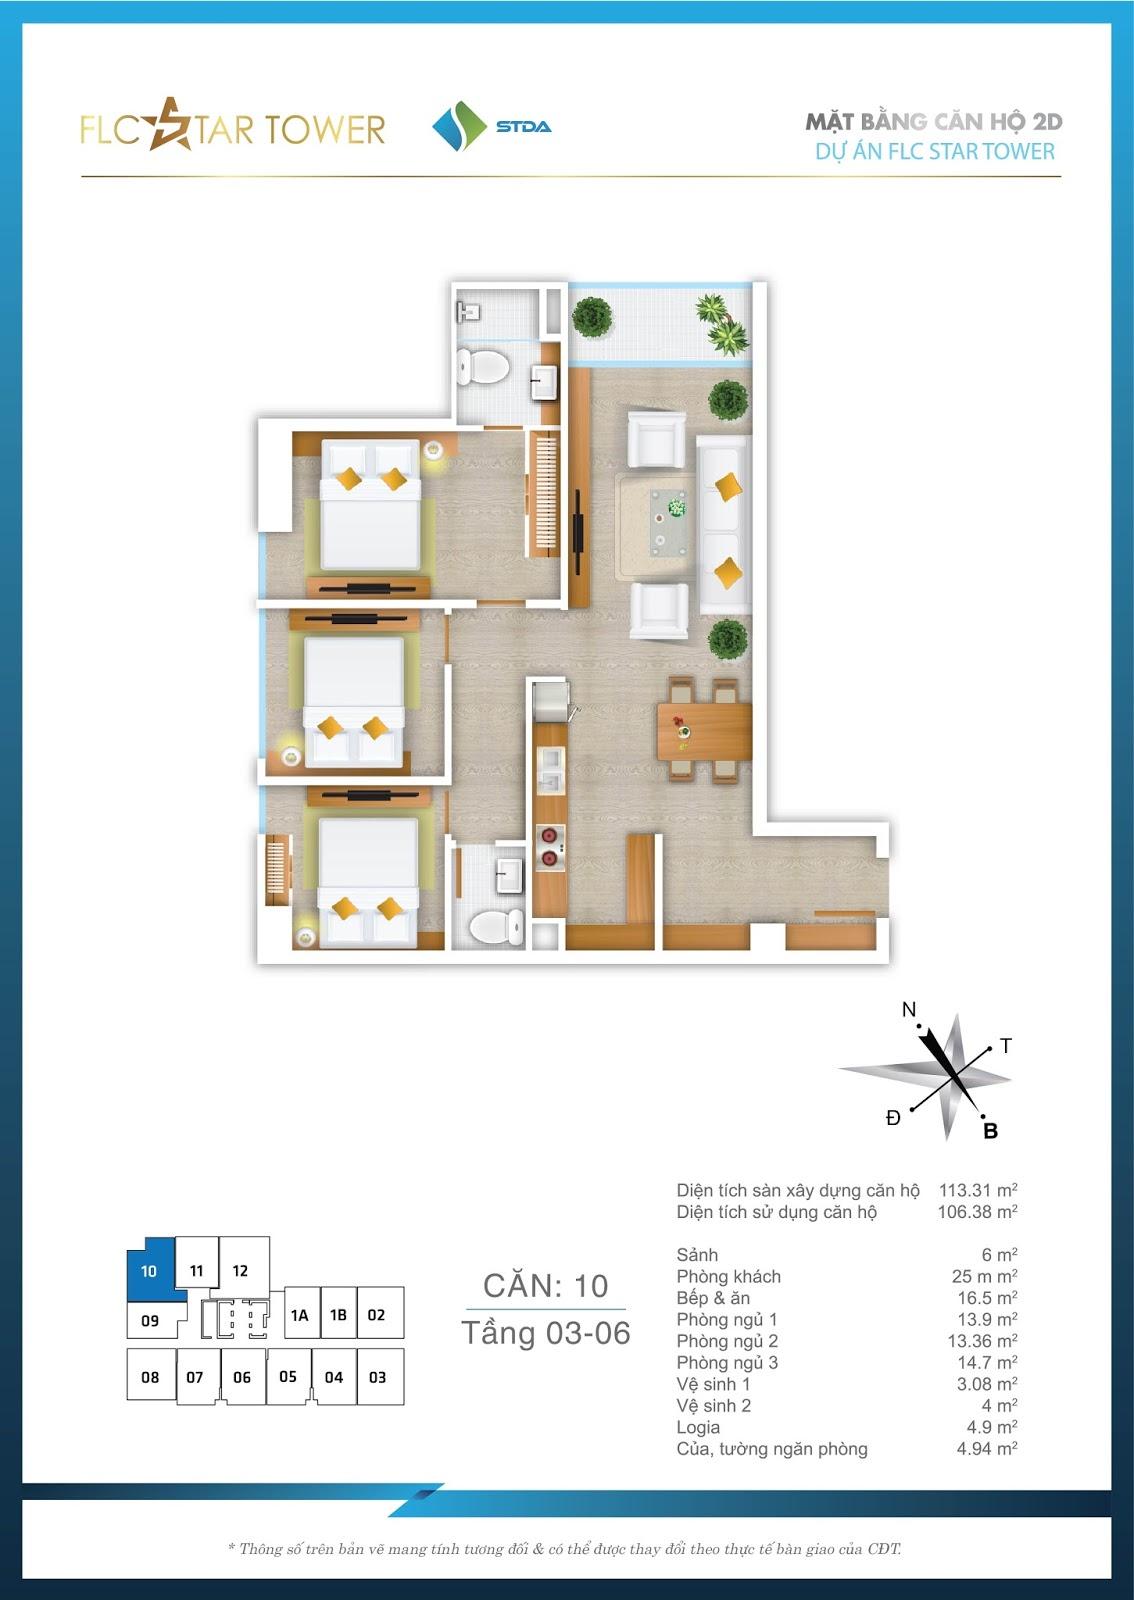 Thiết kế căn hộ 10 - Chung cư FLC Star Tower Hà Đông